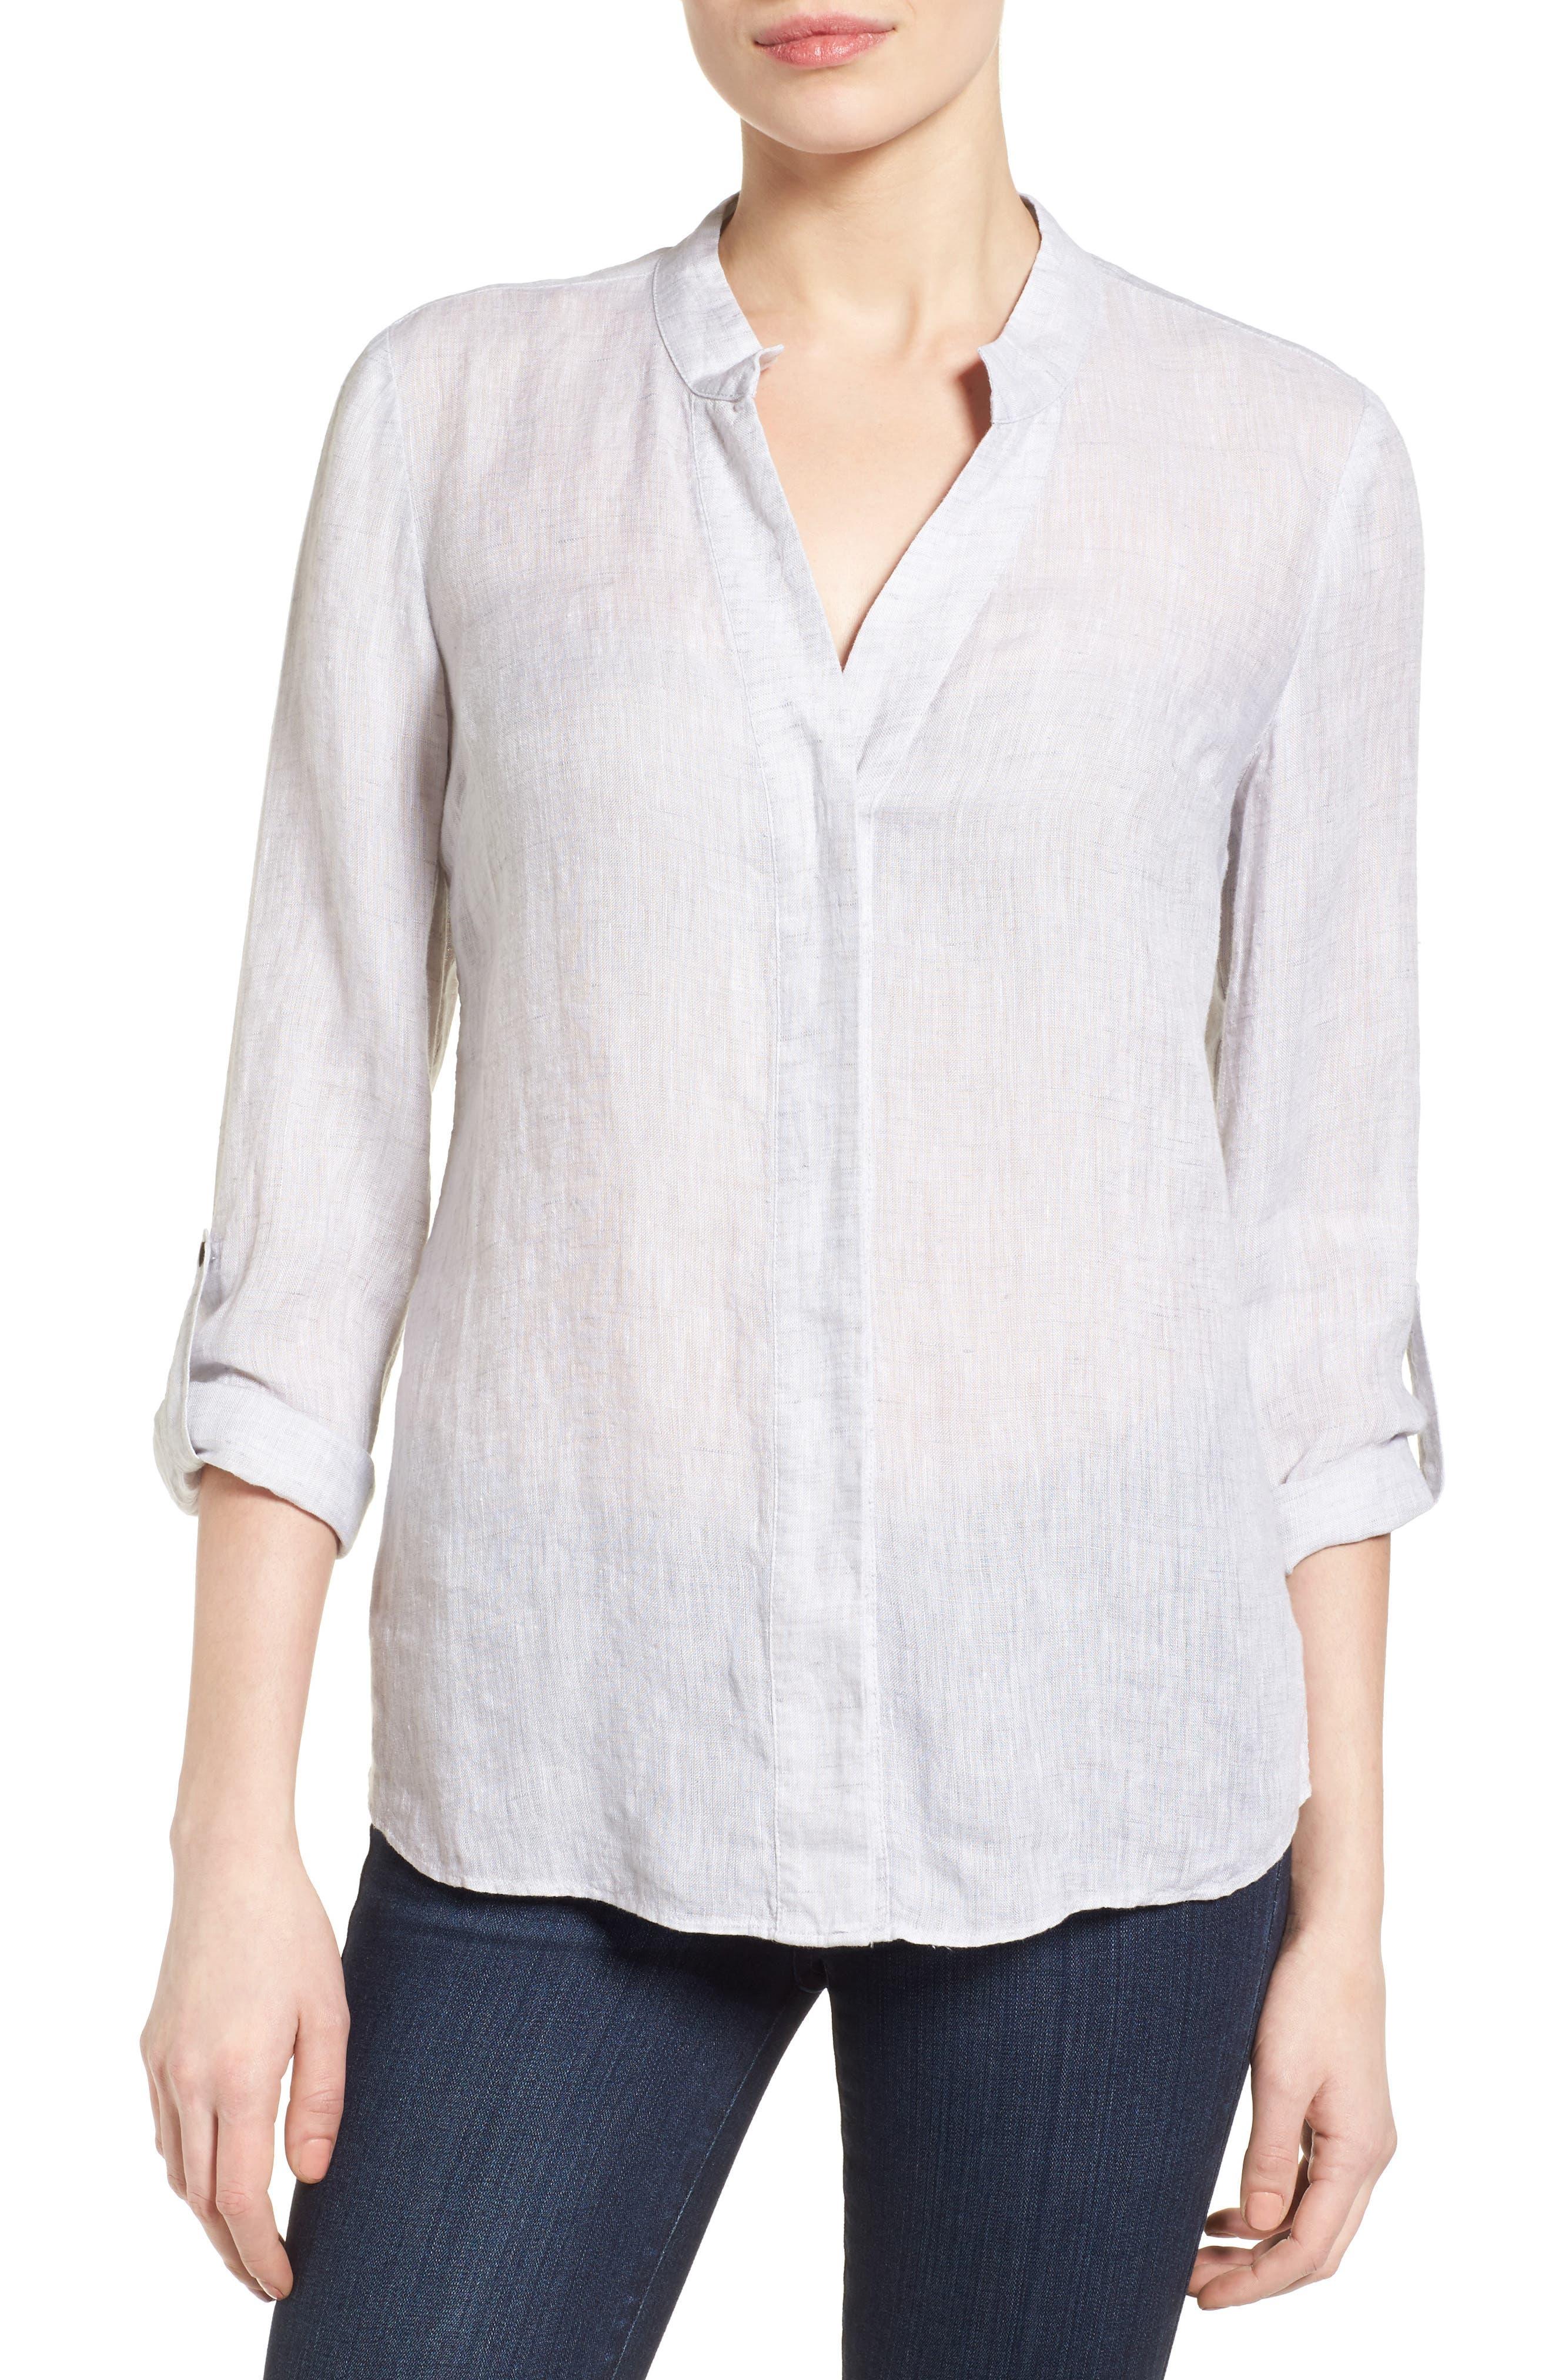 Drifty Linen Shirt,                         Main,                         color, 030